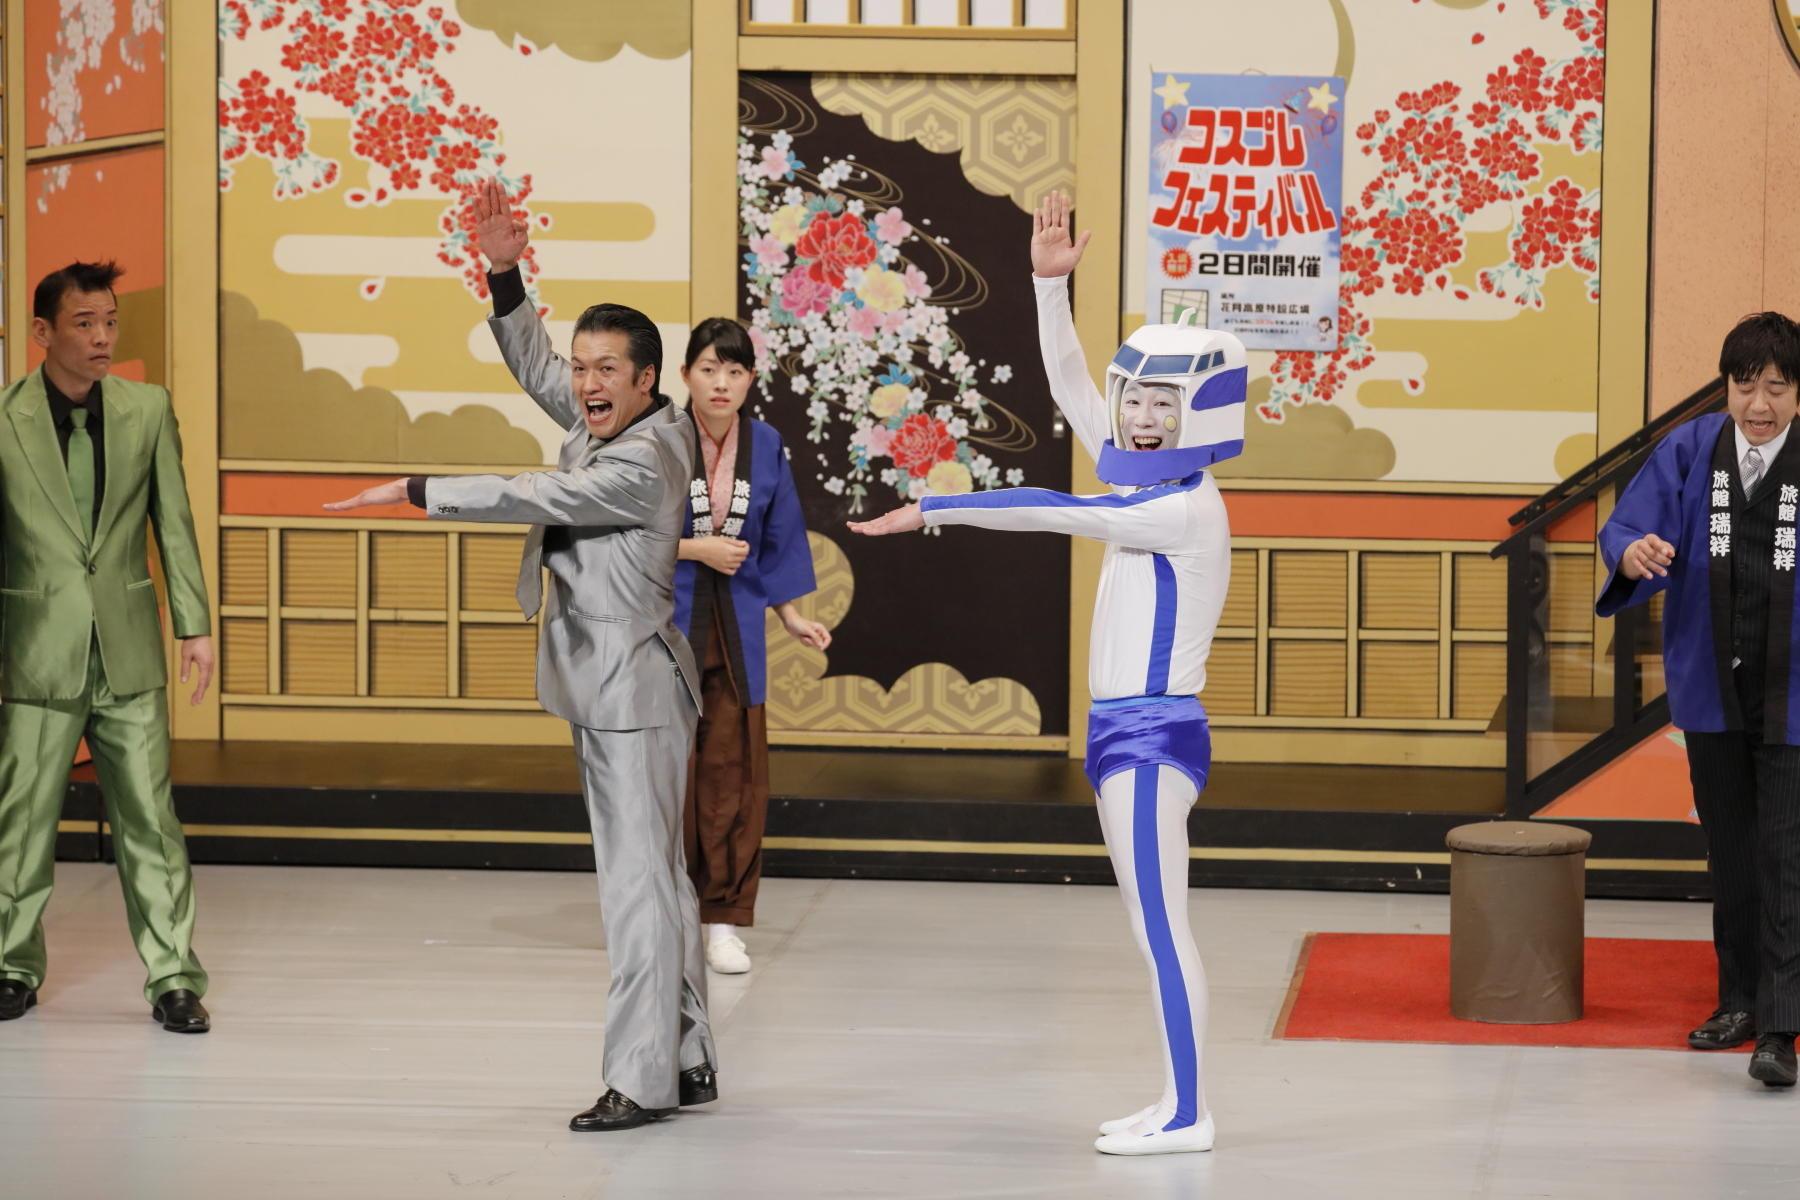 http://news.yoshimoto.co.jp/20180311222821-c6bde3953200da3612feb0c8364bbe5d4ef8da88.jpg